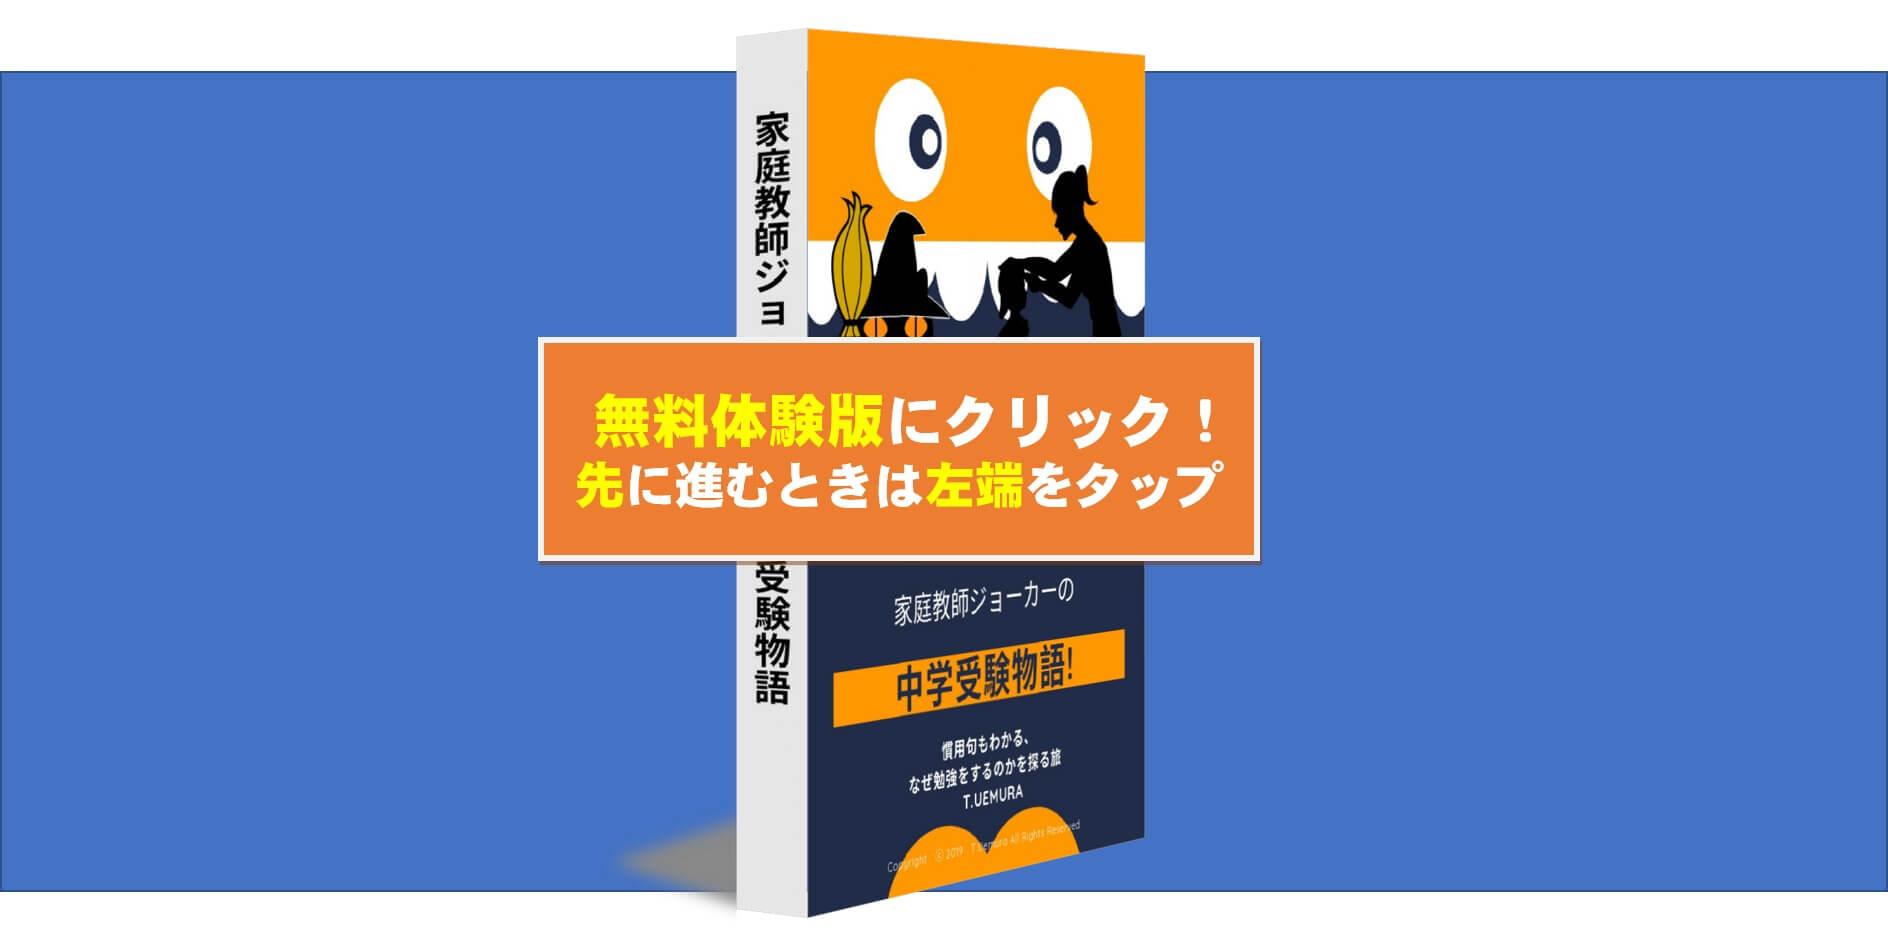 慣用句も学べる受験小説中学受験物語 無料体験版